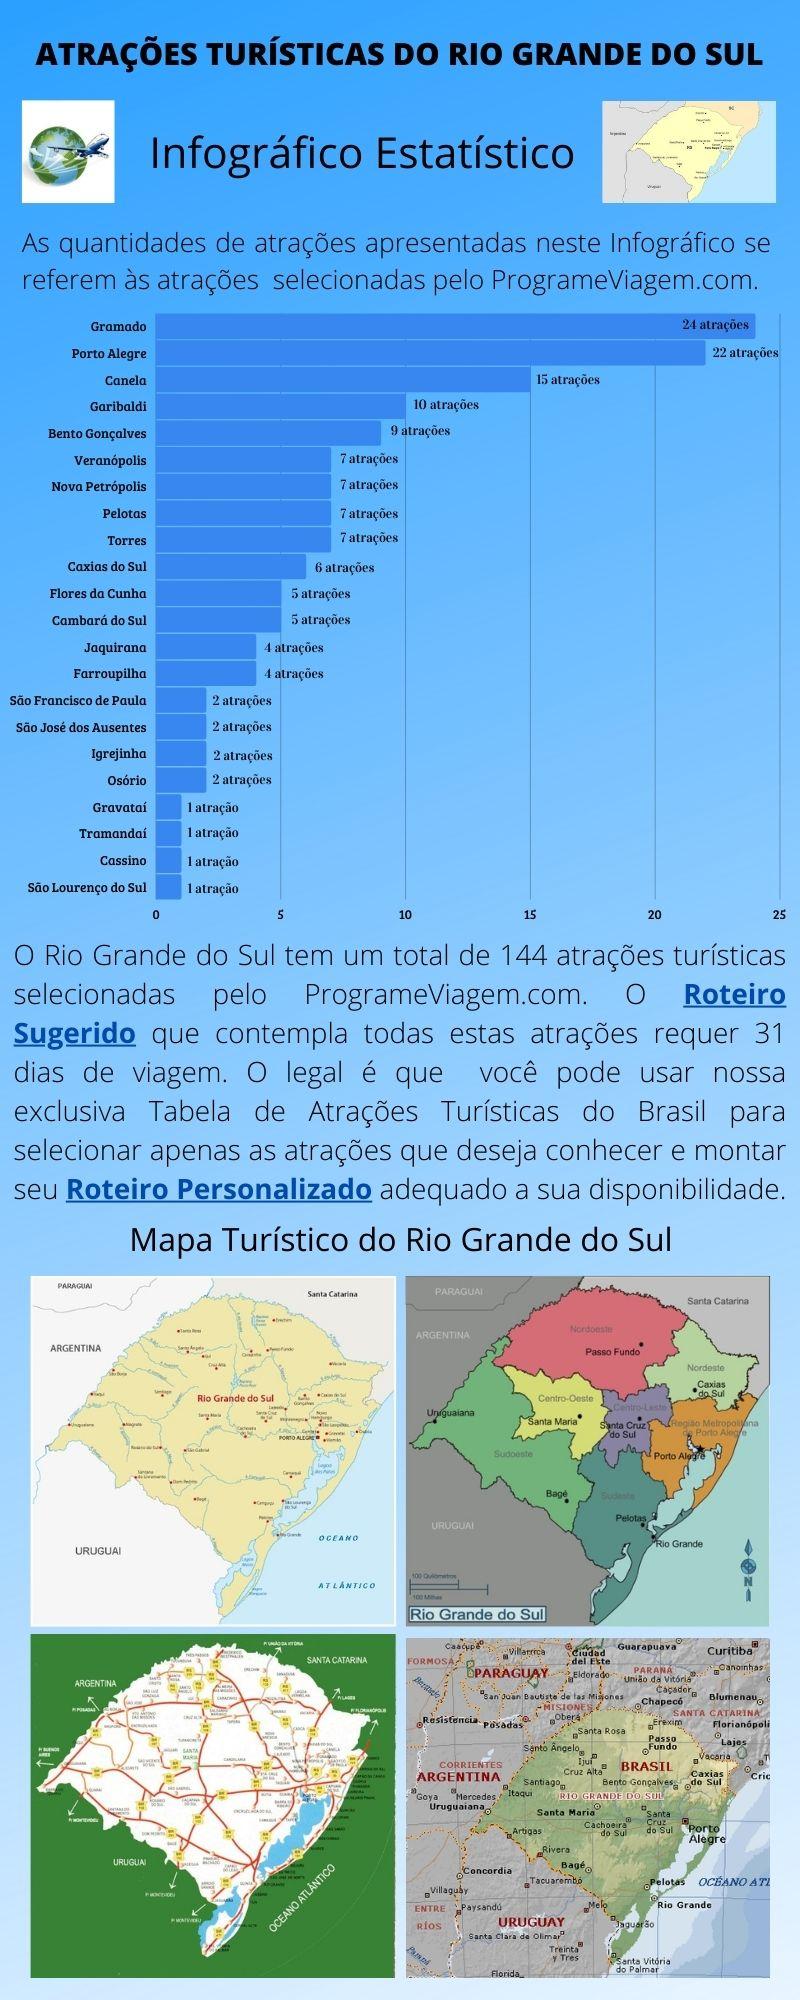 Infográfico Atrações Turísticas do Rio Grande do Sul